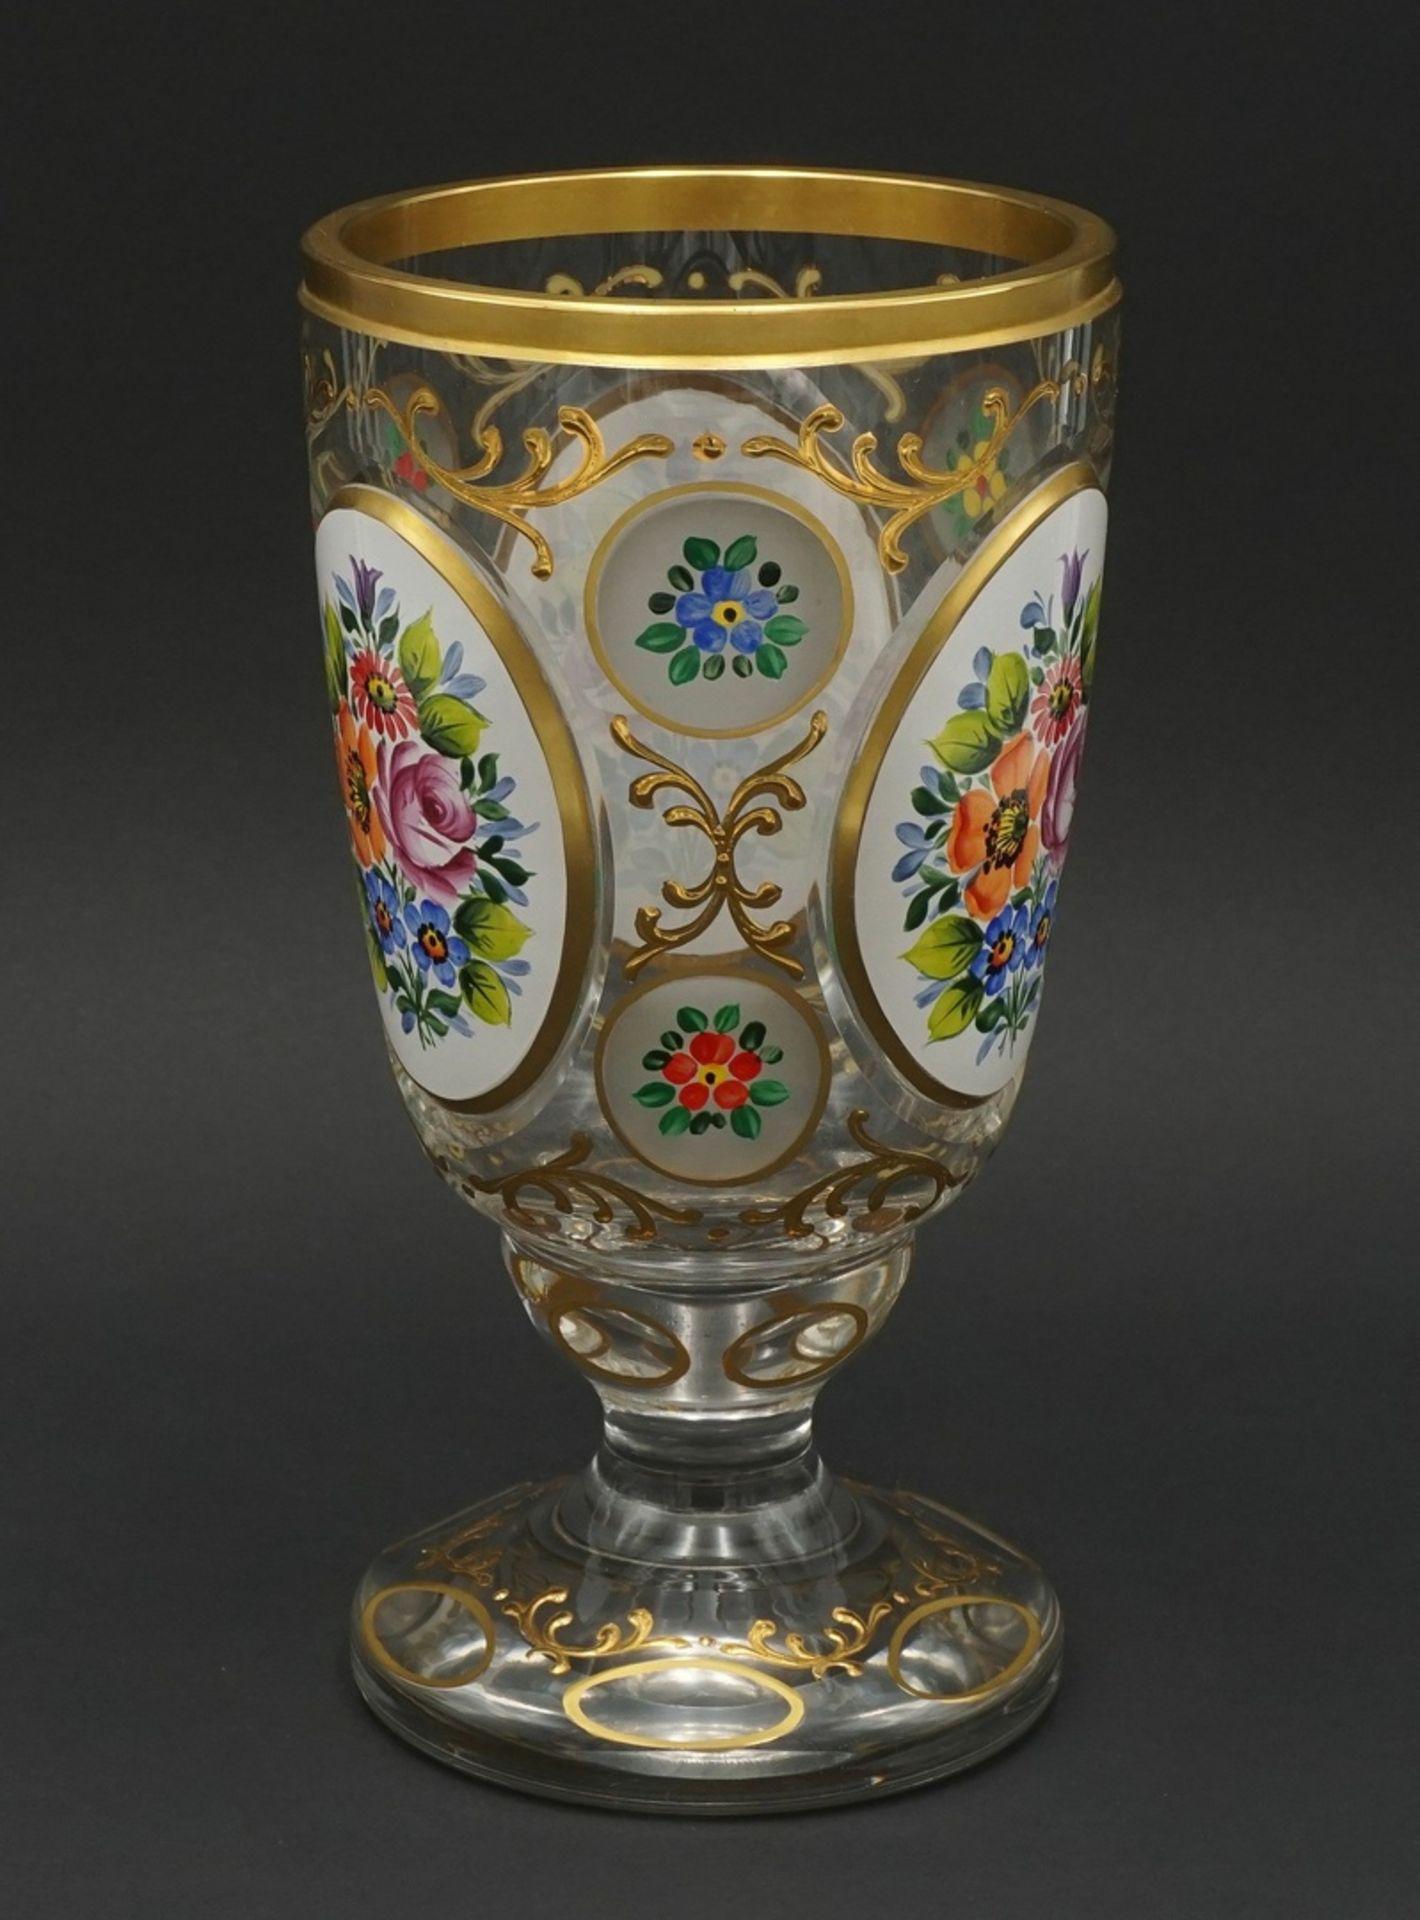 Ranftglas mit Emaillemalerei, 20. Jh. - Bild 2 aus 3